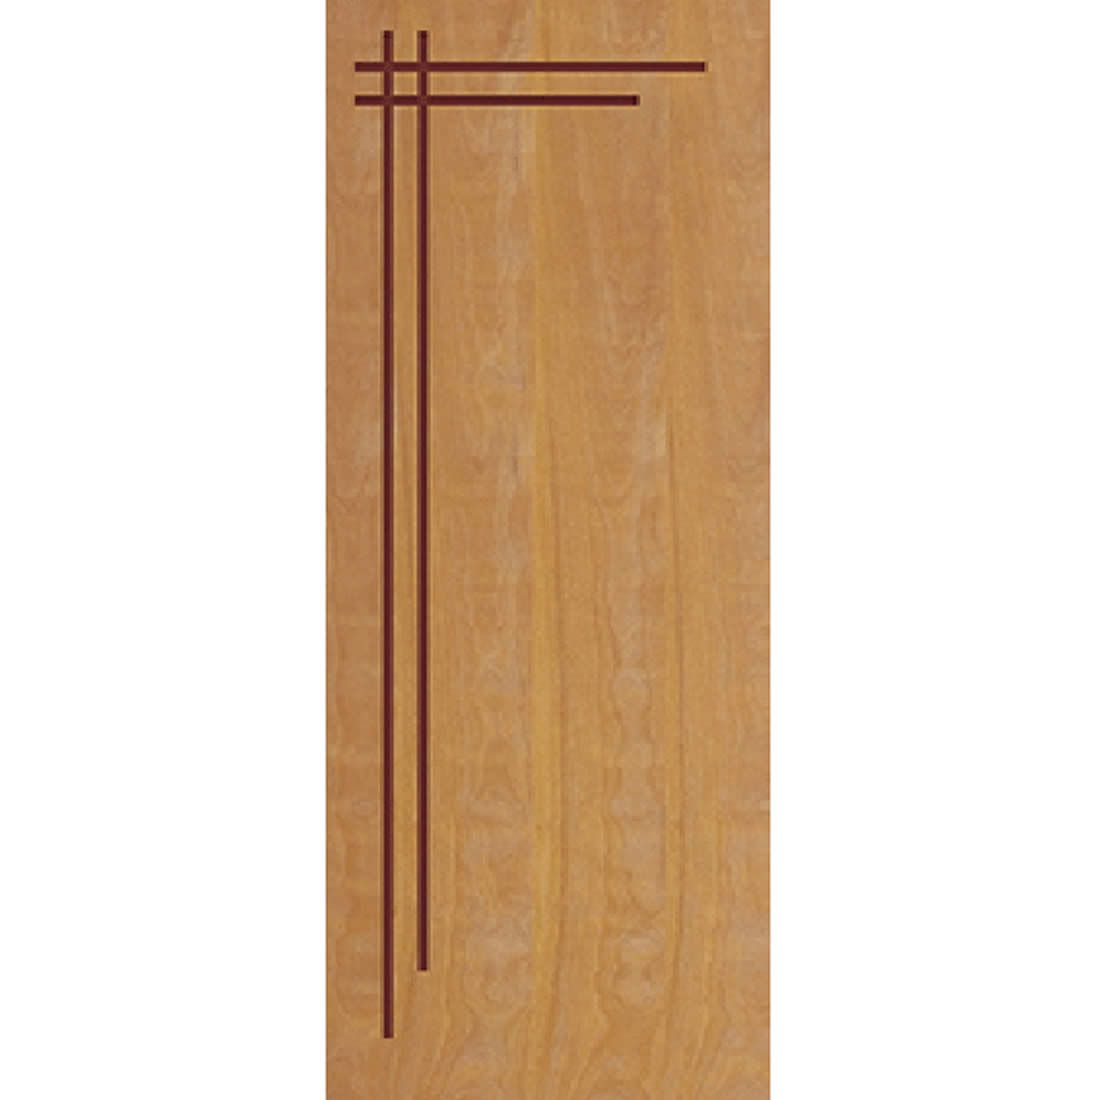 Porta 2,10 x 0,80m em Madeira Curupixa Semi Sólida Modelo 06 Frisada JB Paes